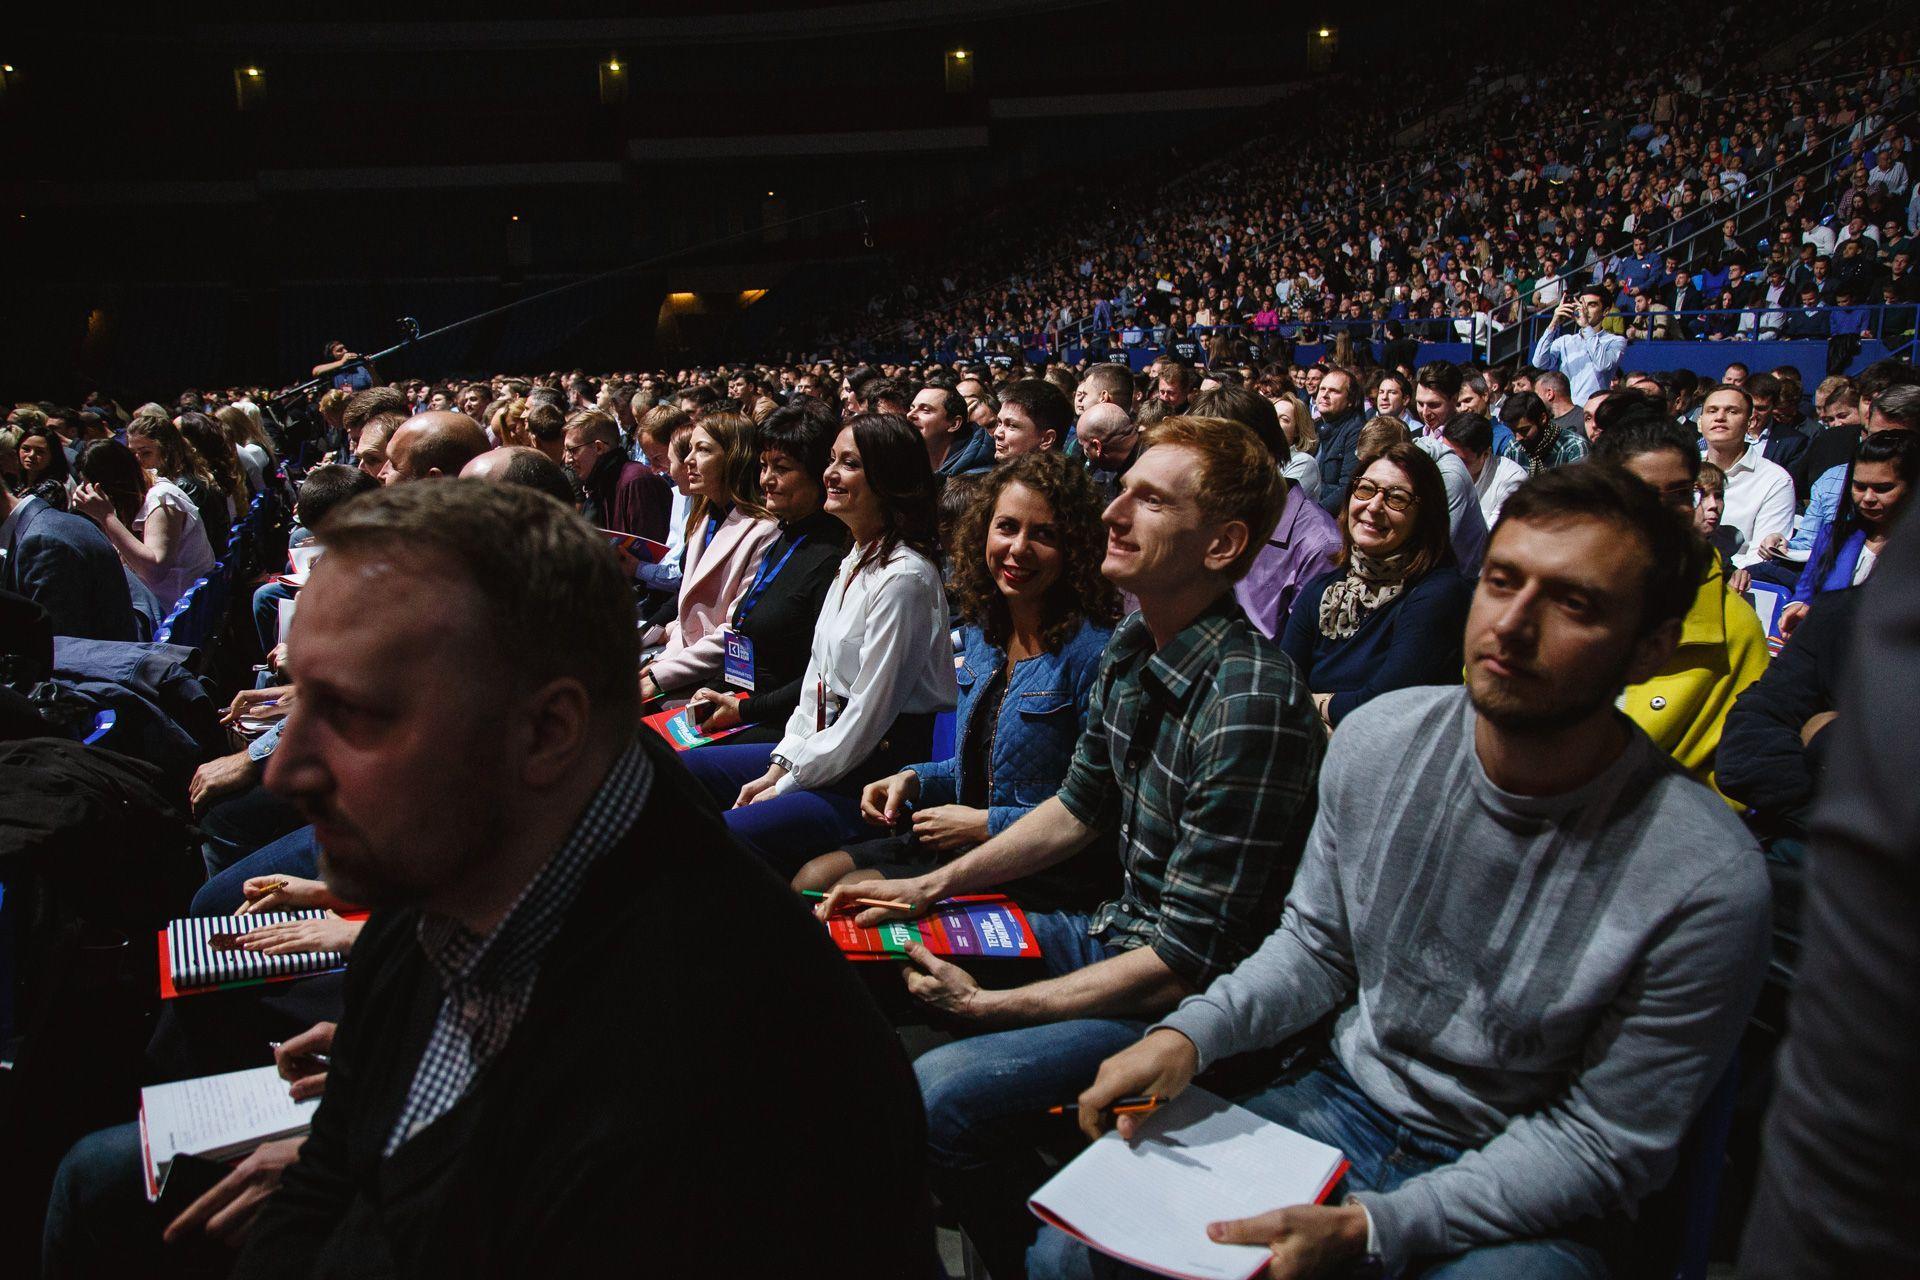 Образовательную программу для предпринимателей организовали в Москве